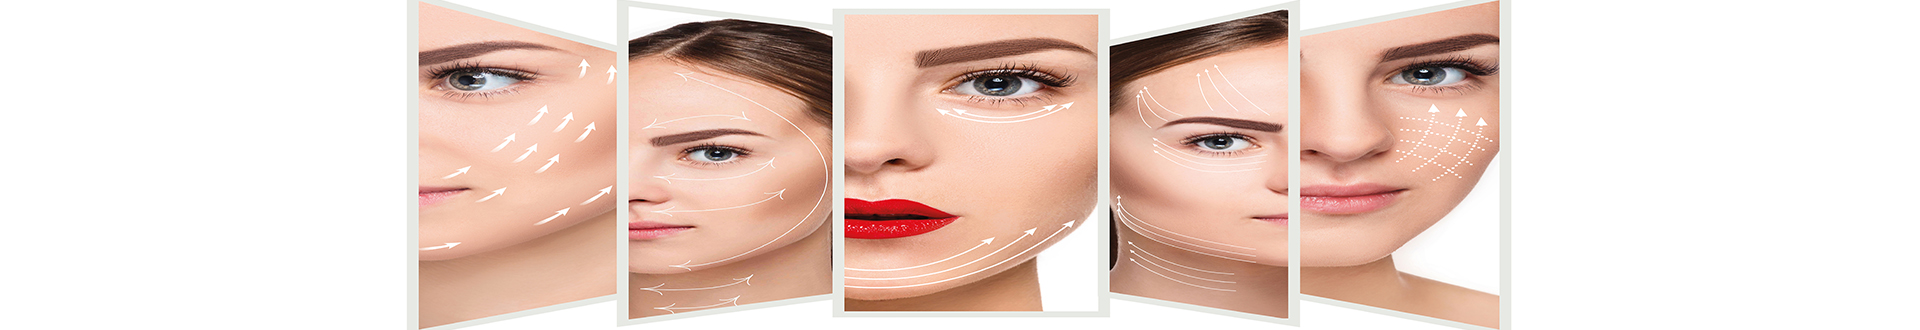 soins visages traitant personnalisés, peeling, microneedling, percussion transcutanée, dermabrasion, led, oxyderme, oxygène pour la peau, hyperbare, acide hyaluronique, capsule du temps